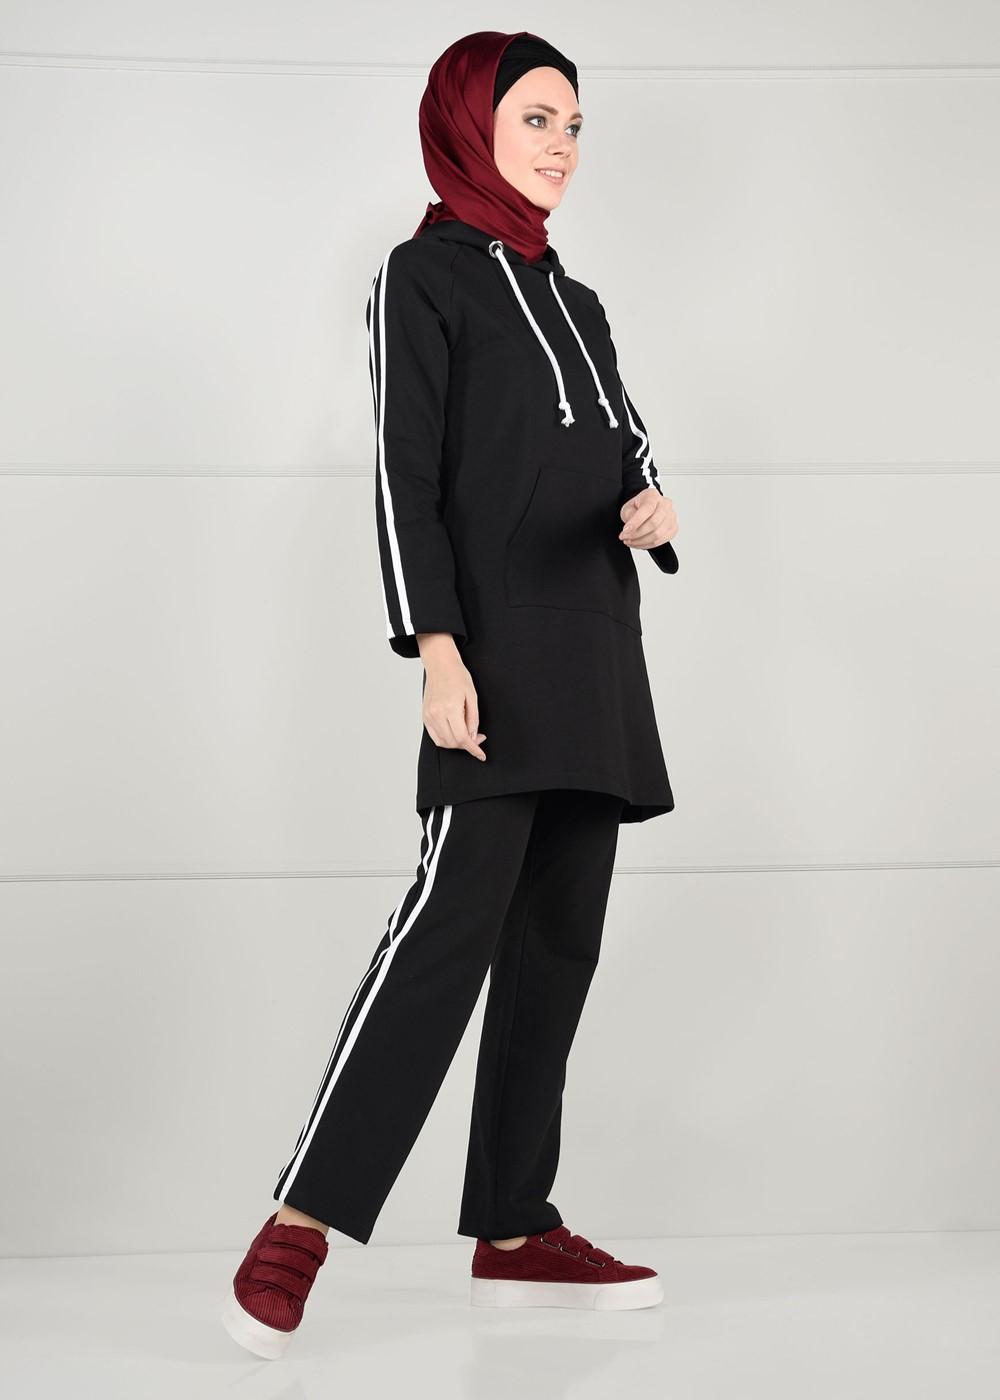 Femelle NOIR  Pantalon de Survêtement T 1500